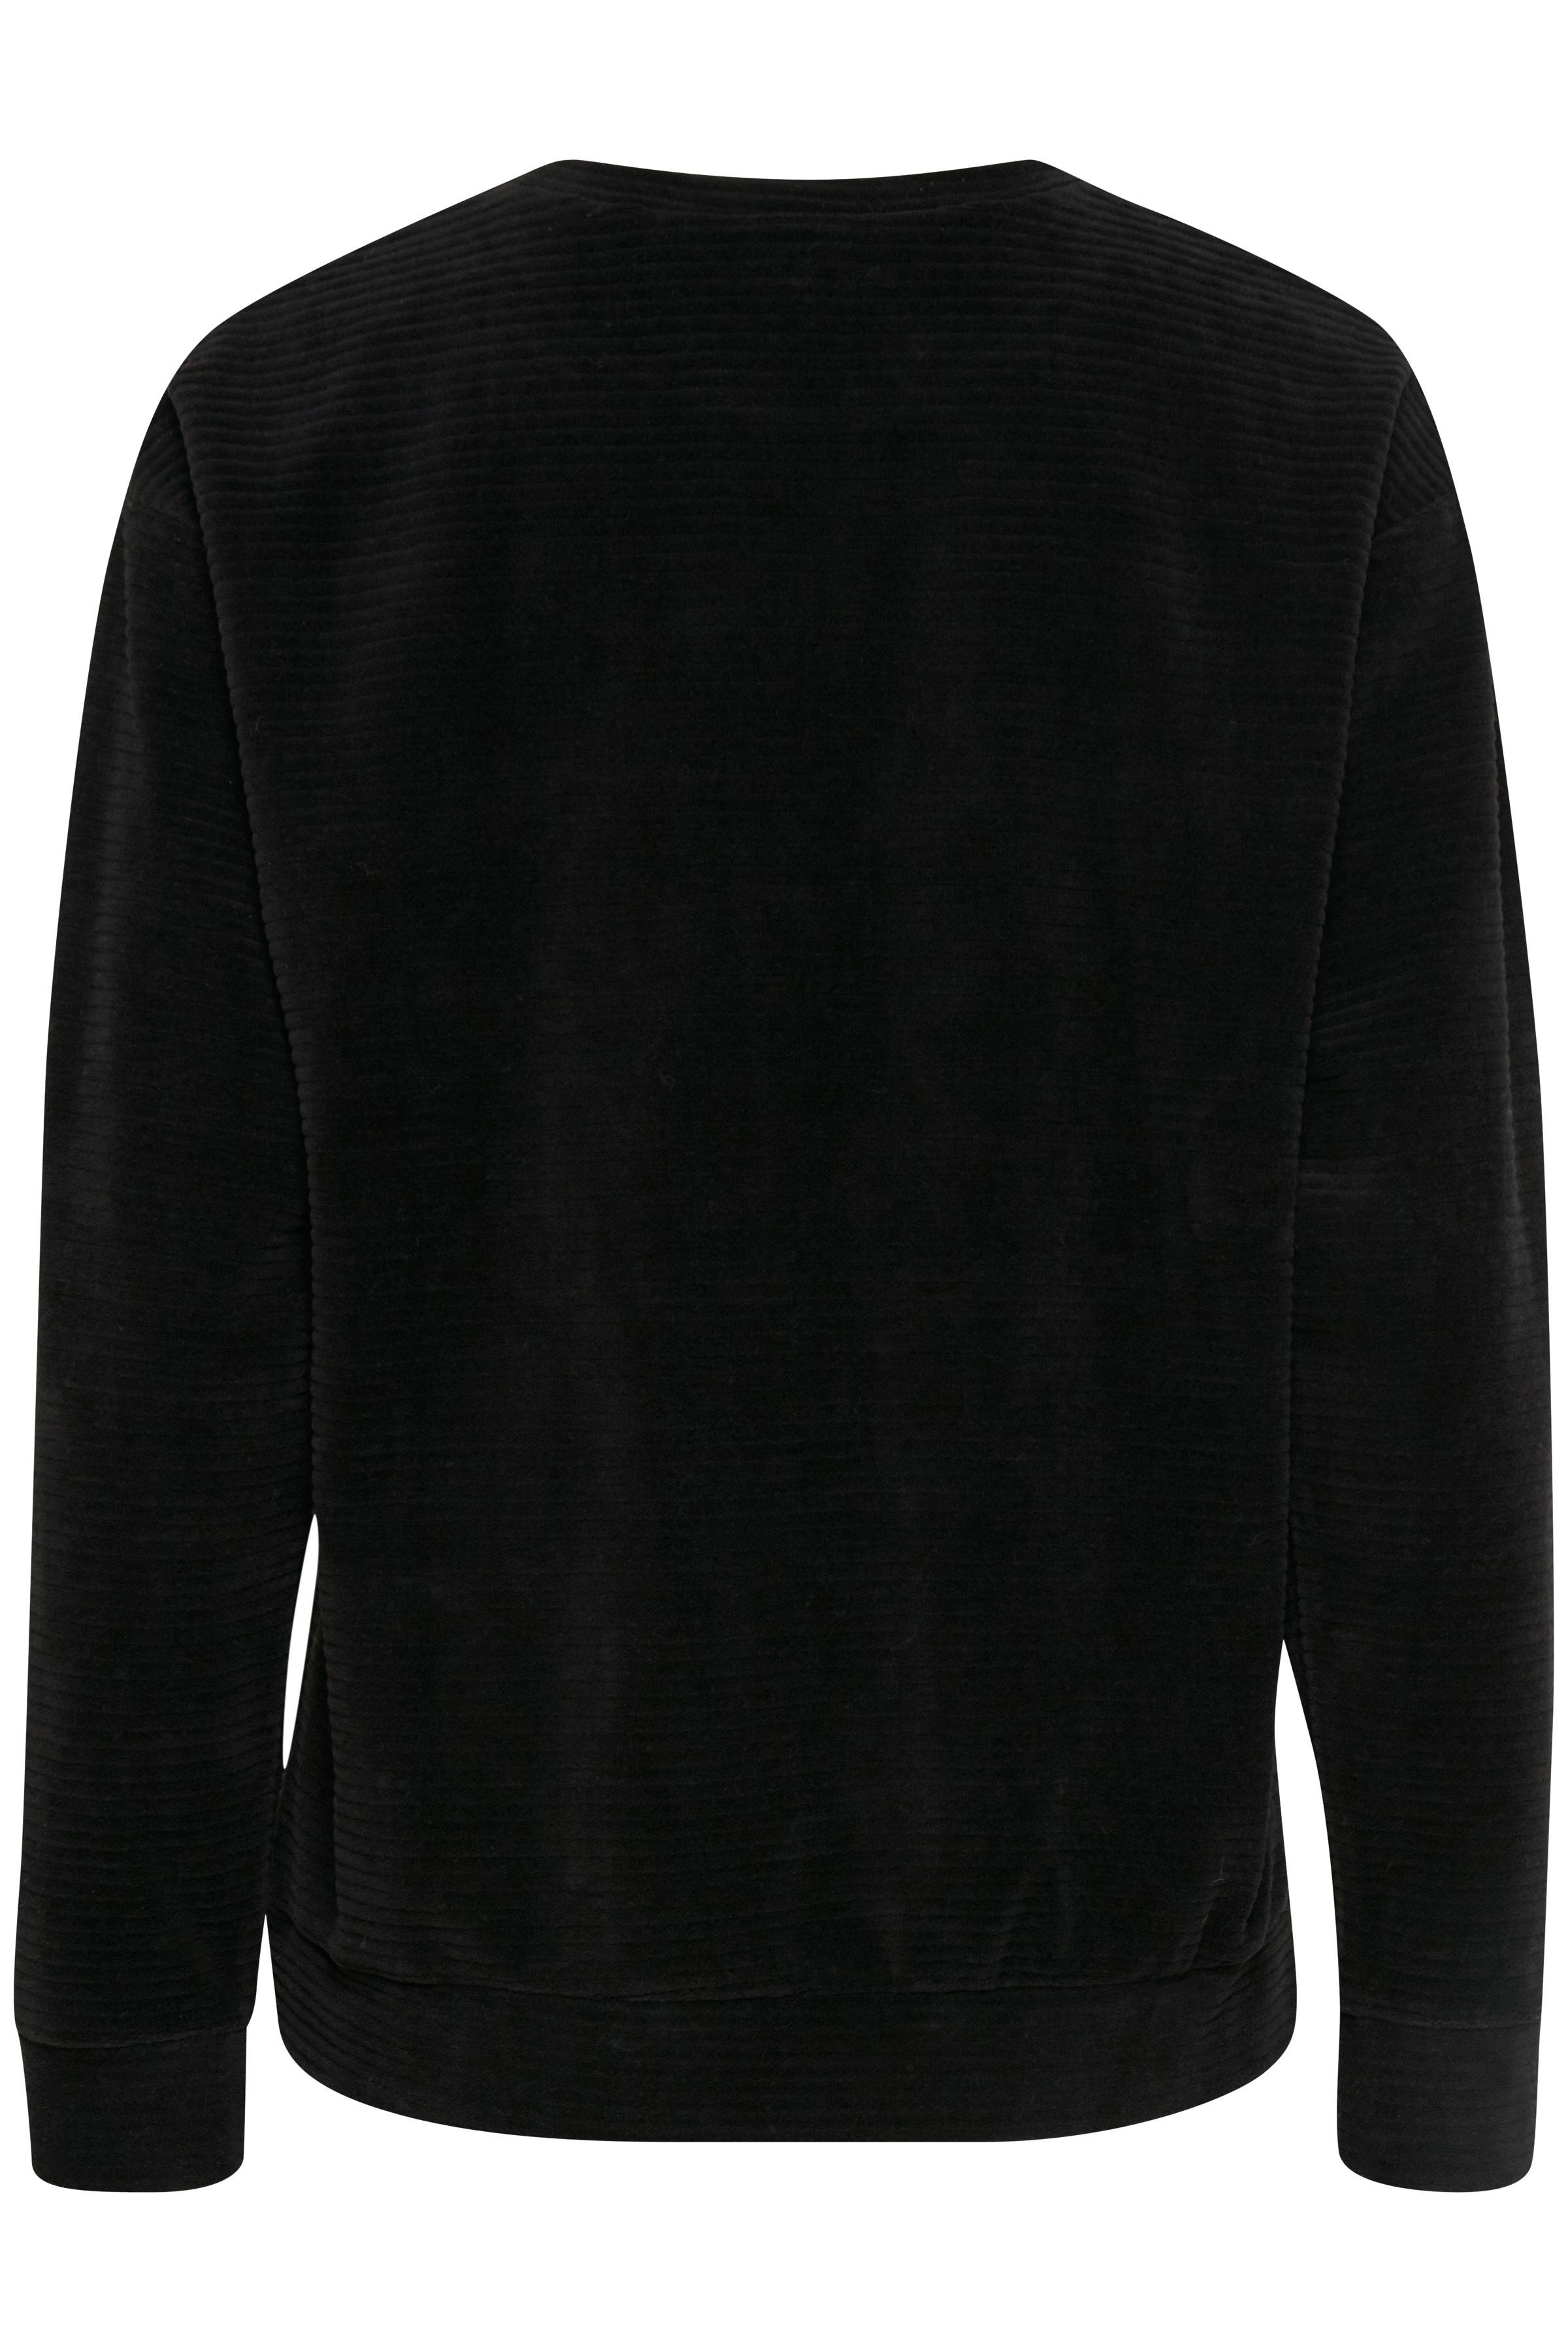 Black Strikpullover fra b.young – Køb Black Strikpullover fra str. XS-L her